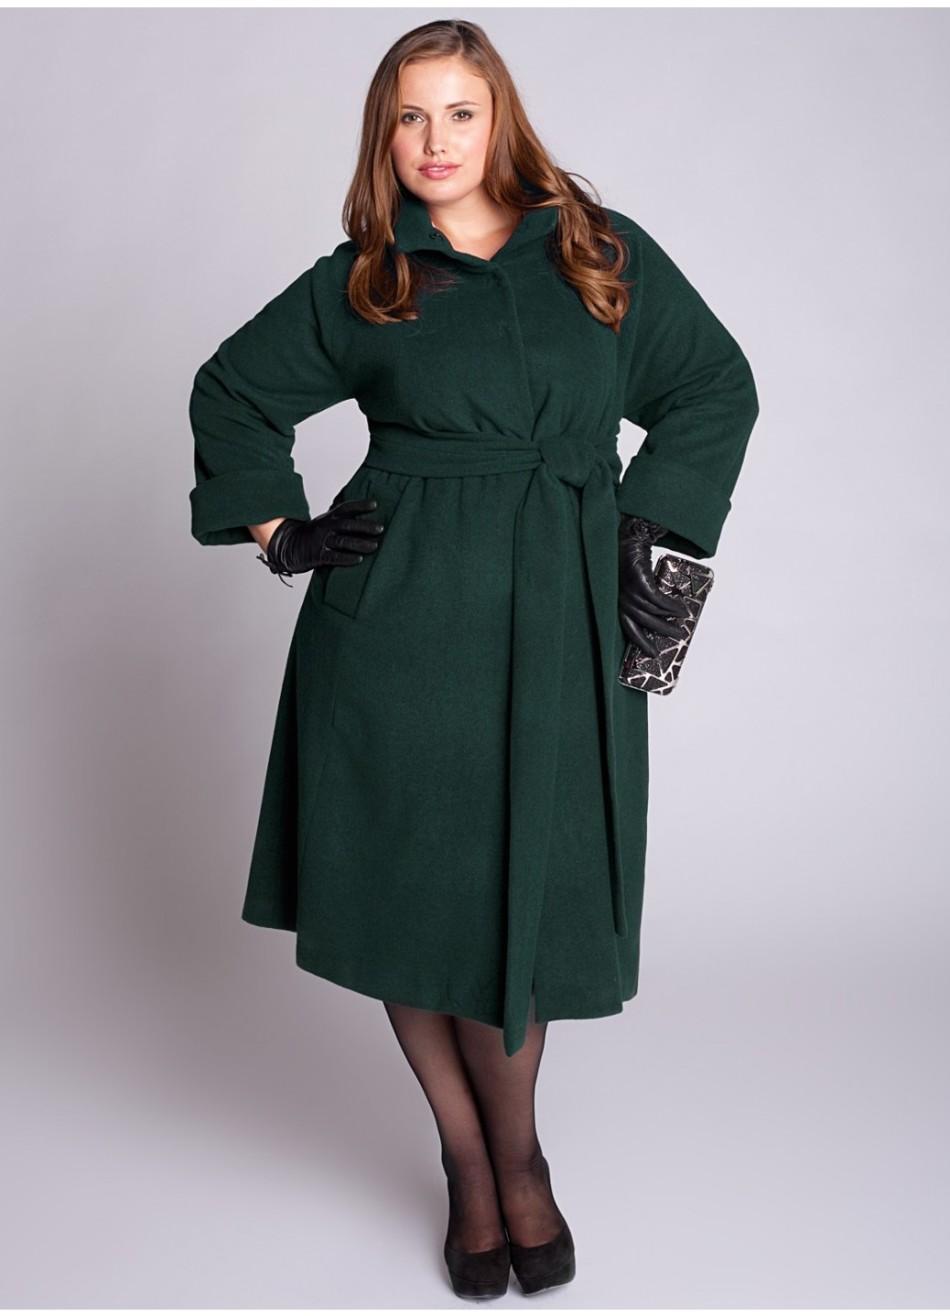 Шикарное пальто для женщин с пышными формами